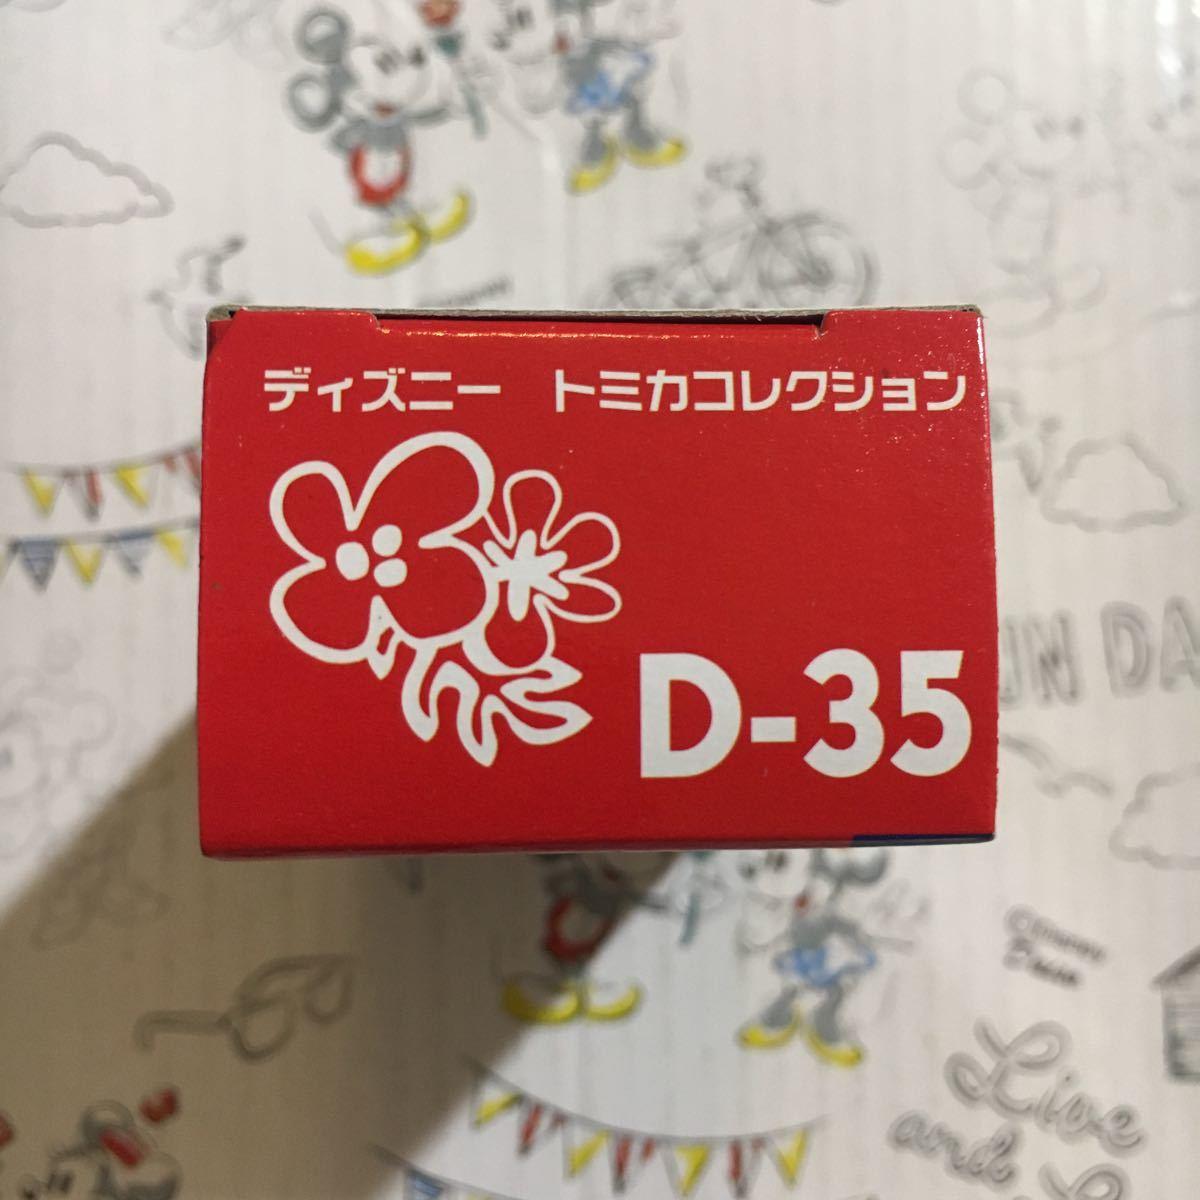 D-35 DAIHATSU ダイハツ ムーヴカスタム スティッチ Disney ディズニー トミカ コレクション Stitch LILO Move スクランプ ムーブ_画像4